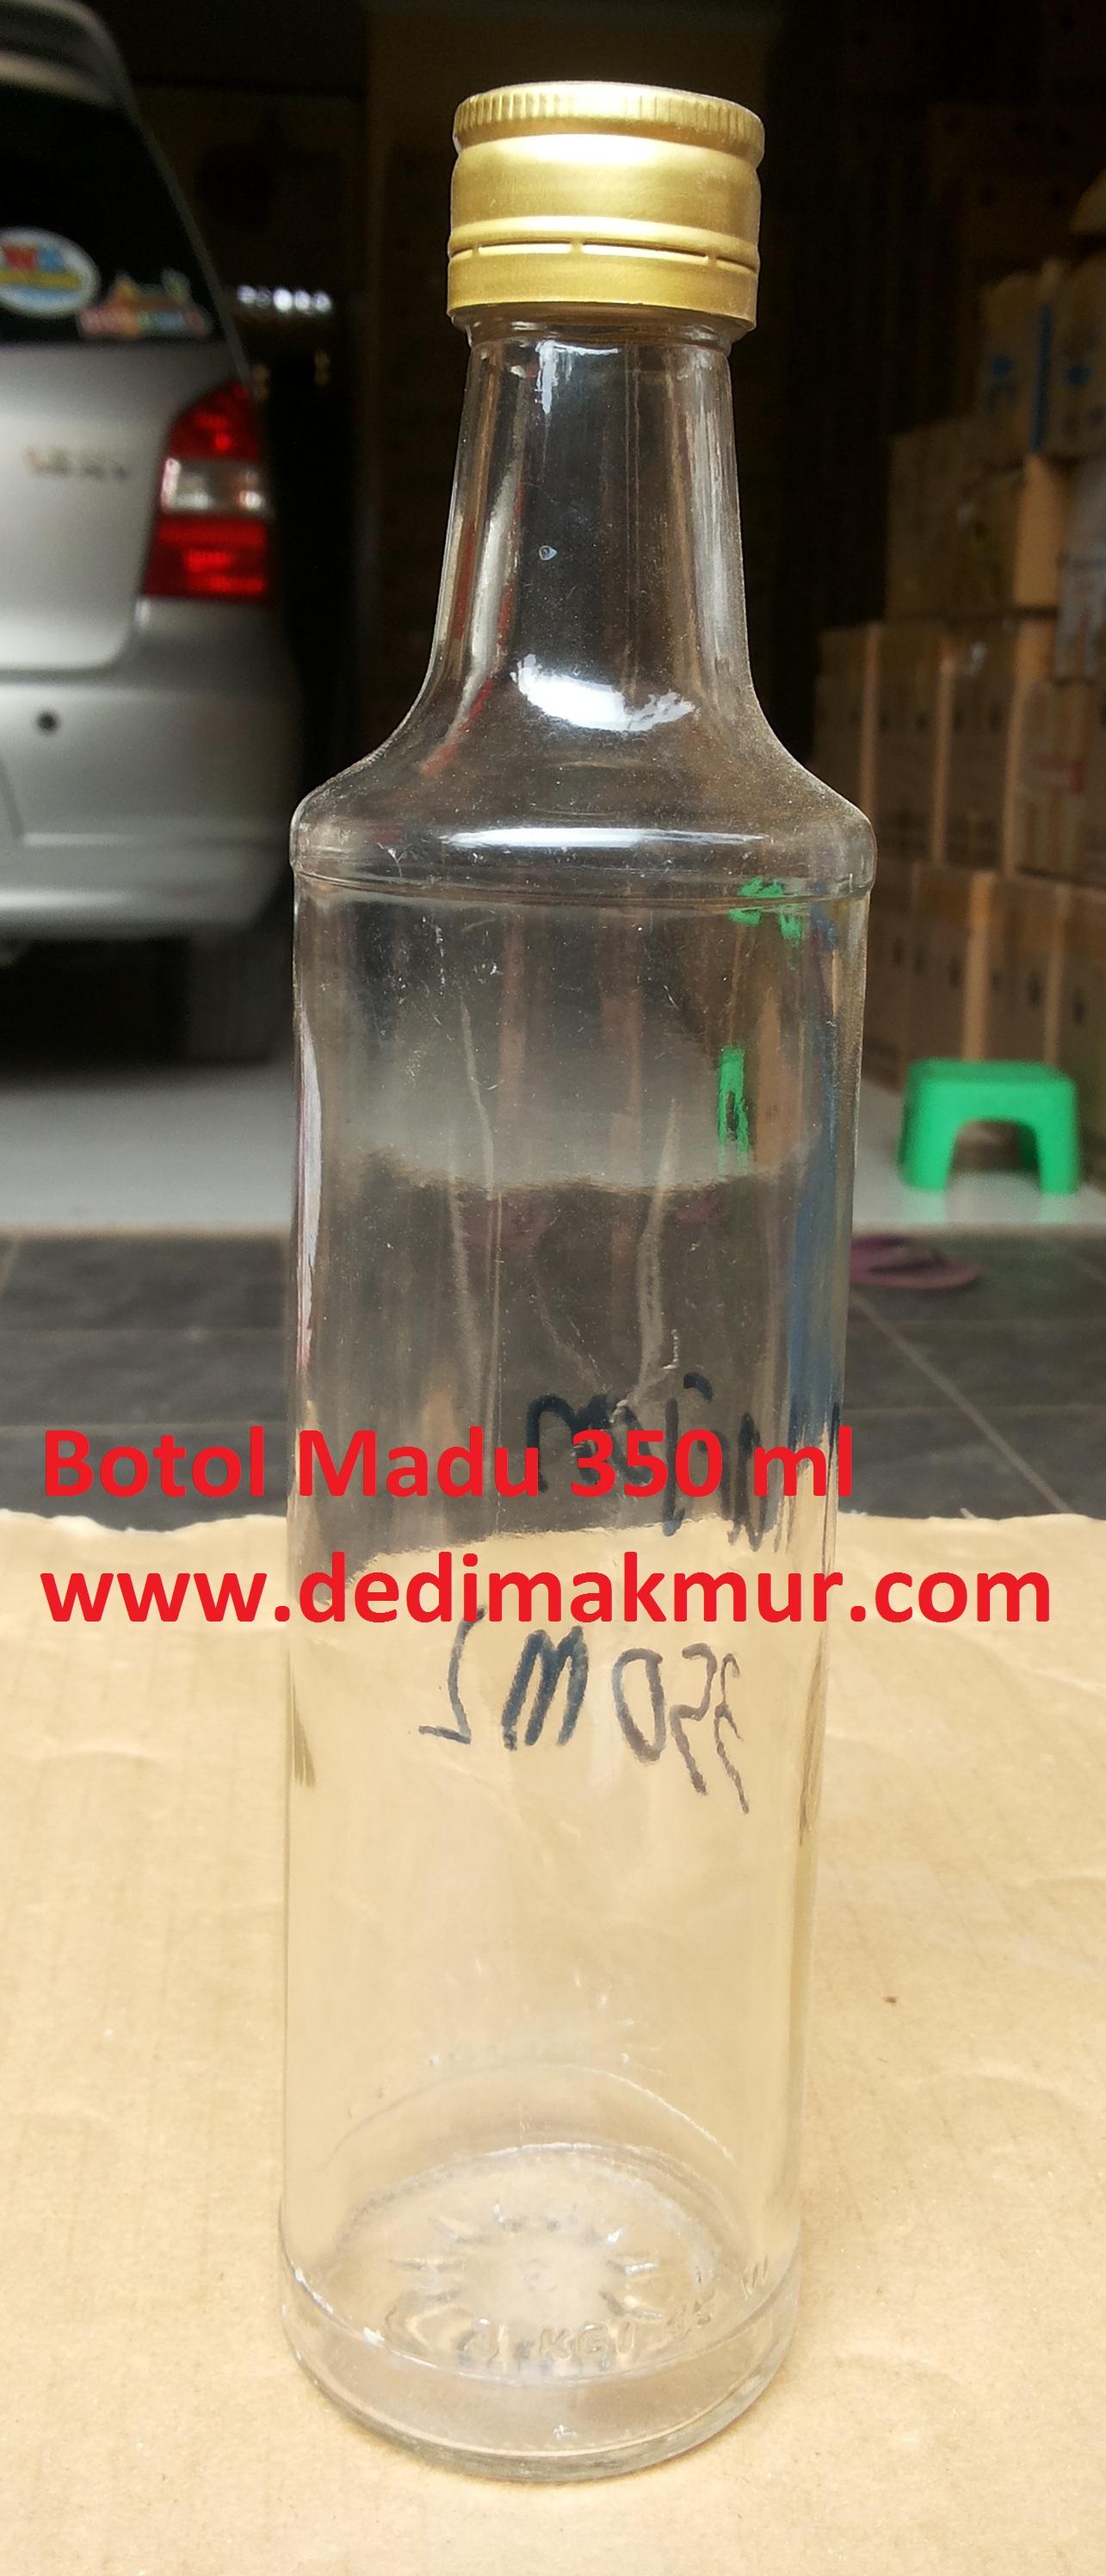 botol madu 350 ml